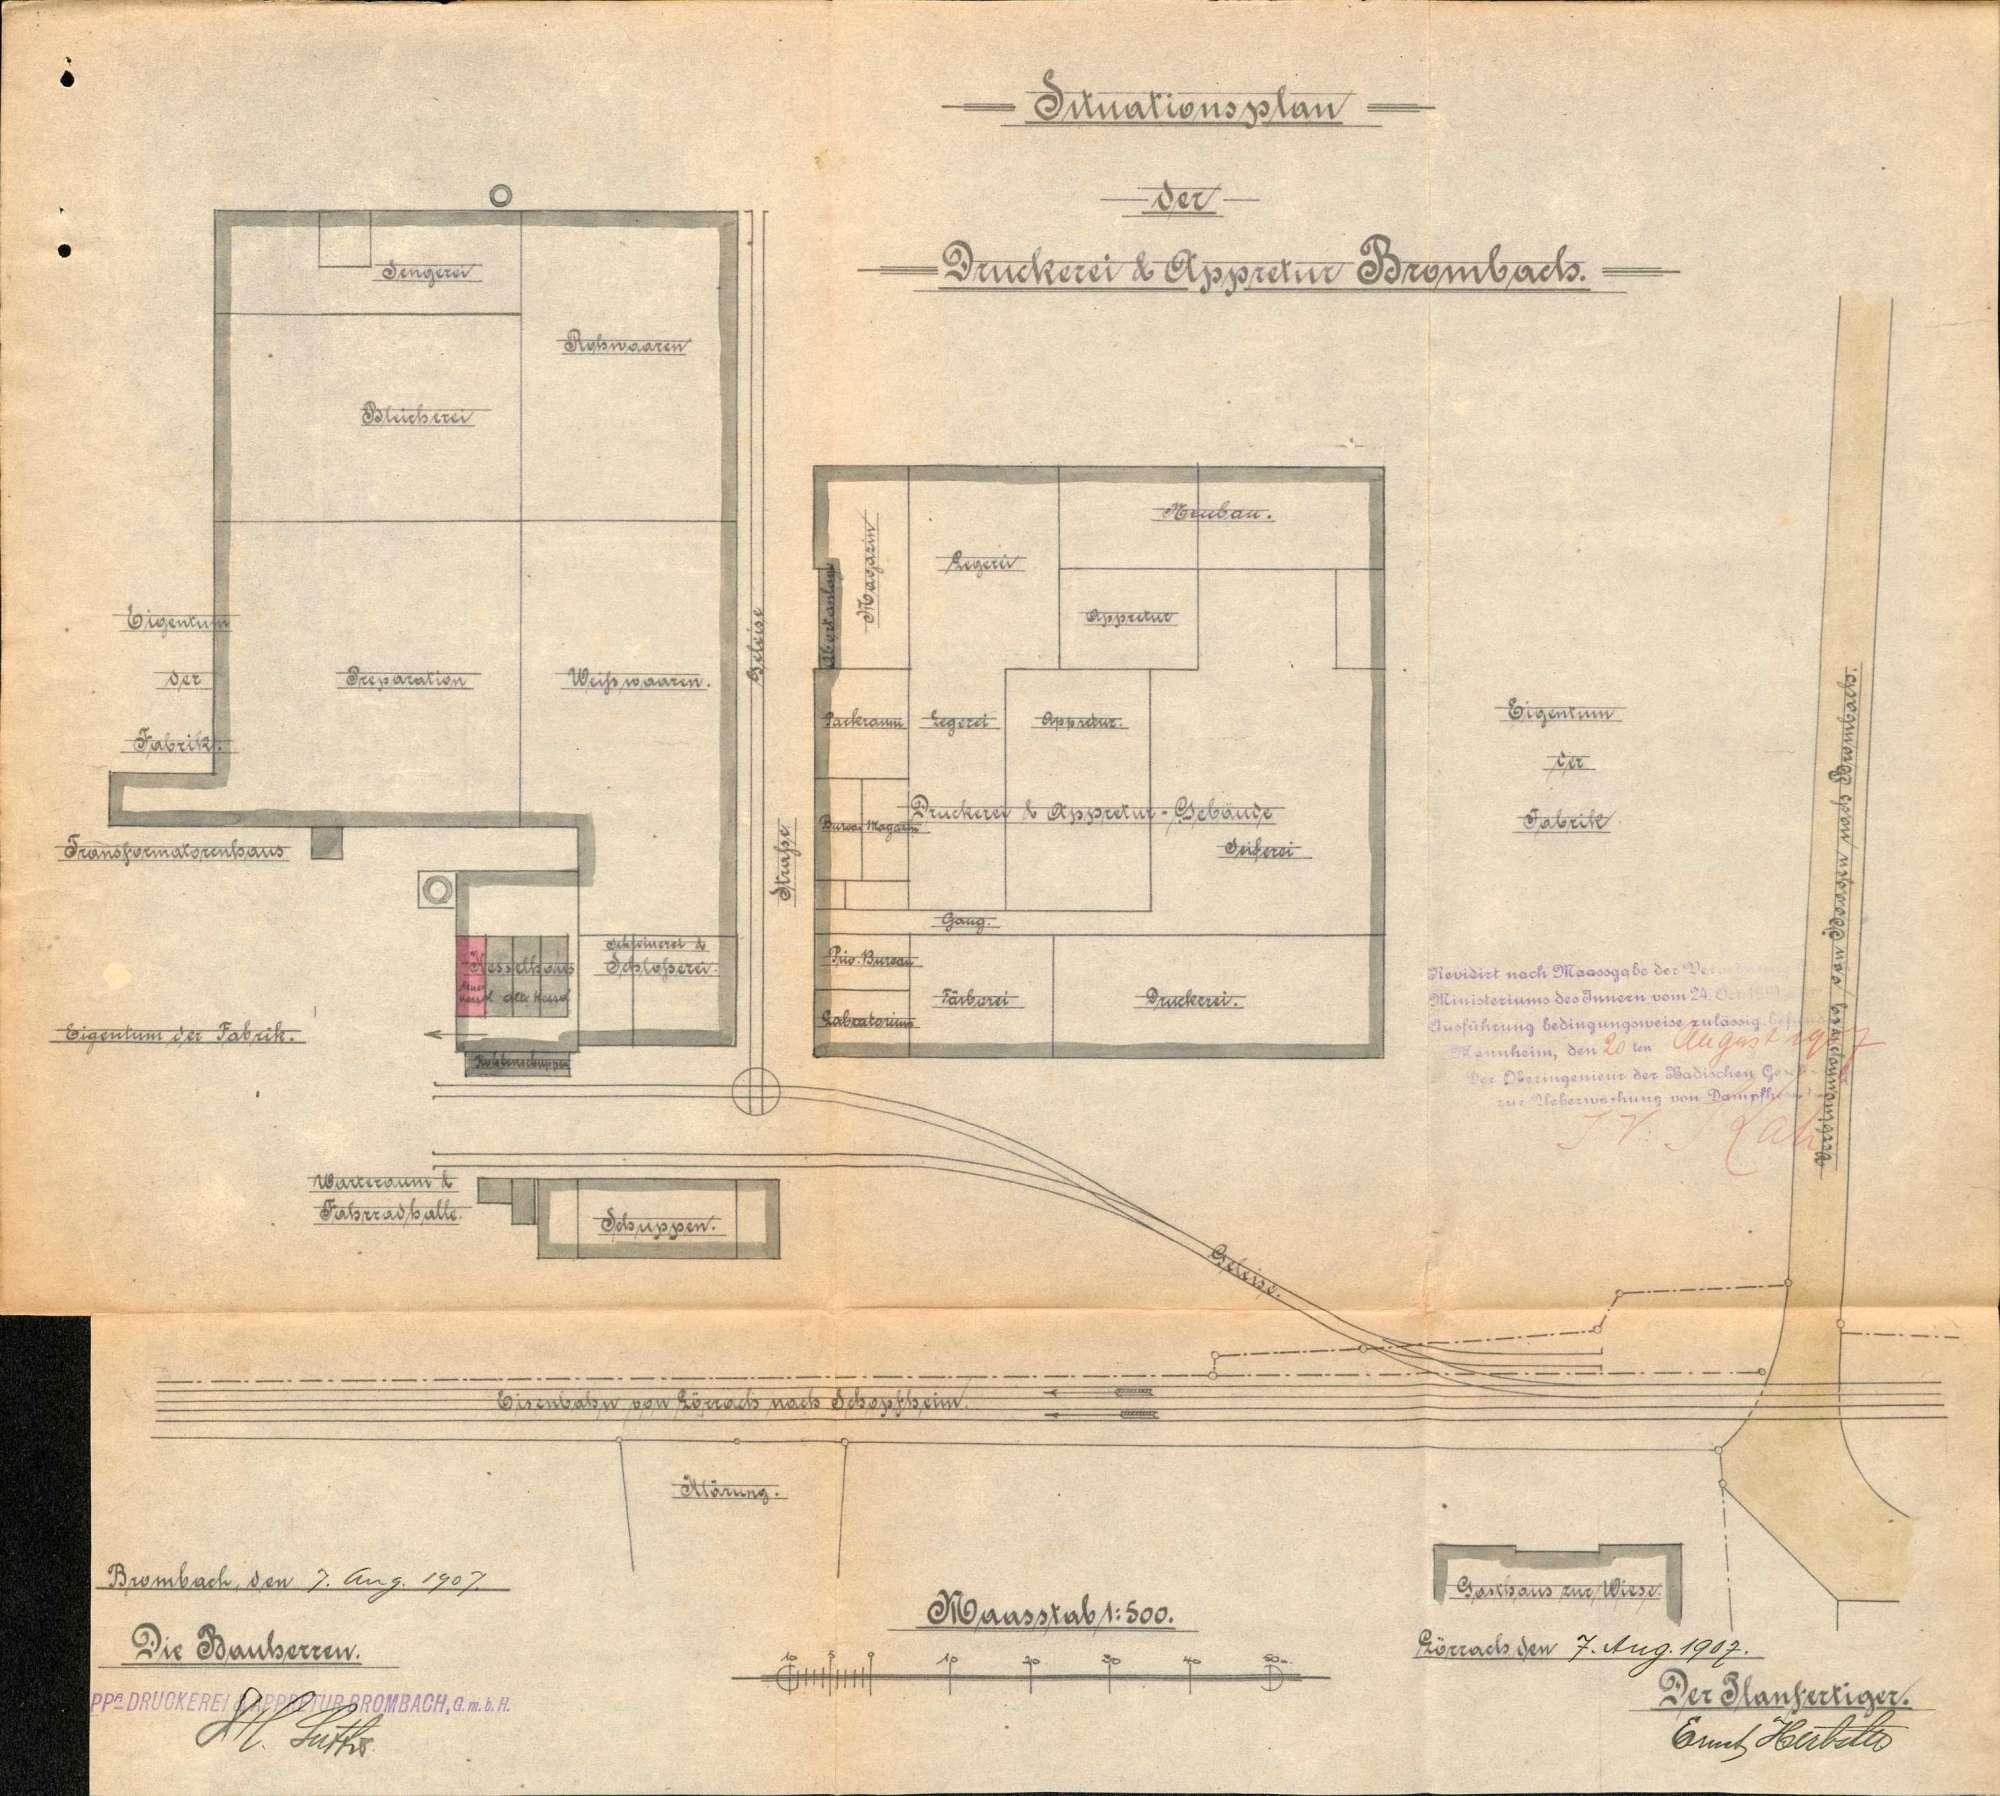 Gesuch der Fa. Druckerei und Appretur GmbH in Brombach um Erlaubnis zur Aufstellung eines Dampfkessels, Bild 1